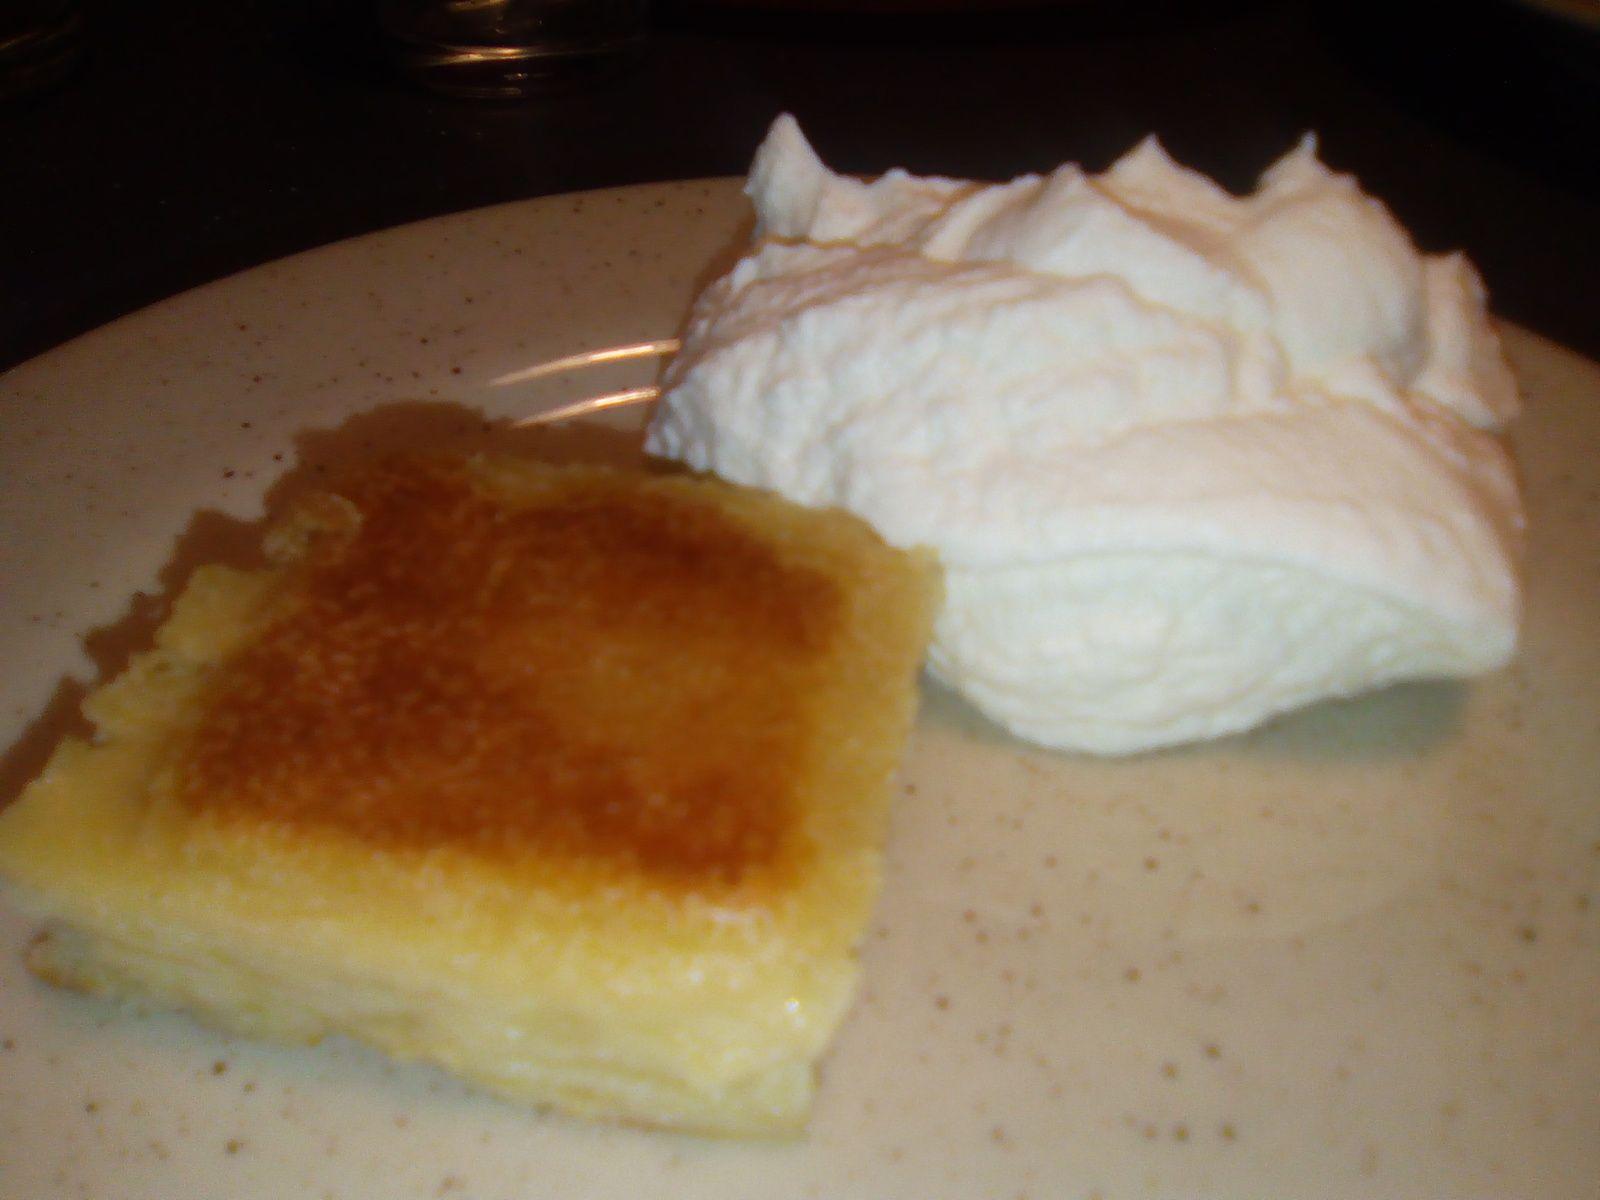 50 g de crème liquide 40 g à 80 g de sucre ou sucre glace (la quantité au choix en fait) une cuillère de vanille liquide (ou avoir fait infusé des gousses dans la crème au préalable) j'avoue, c'est au pif que je mets les quantités... Mettre la crème liquide...